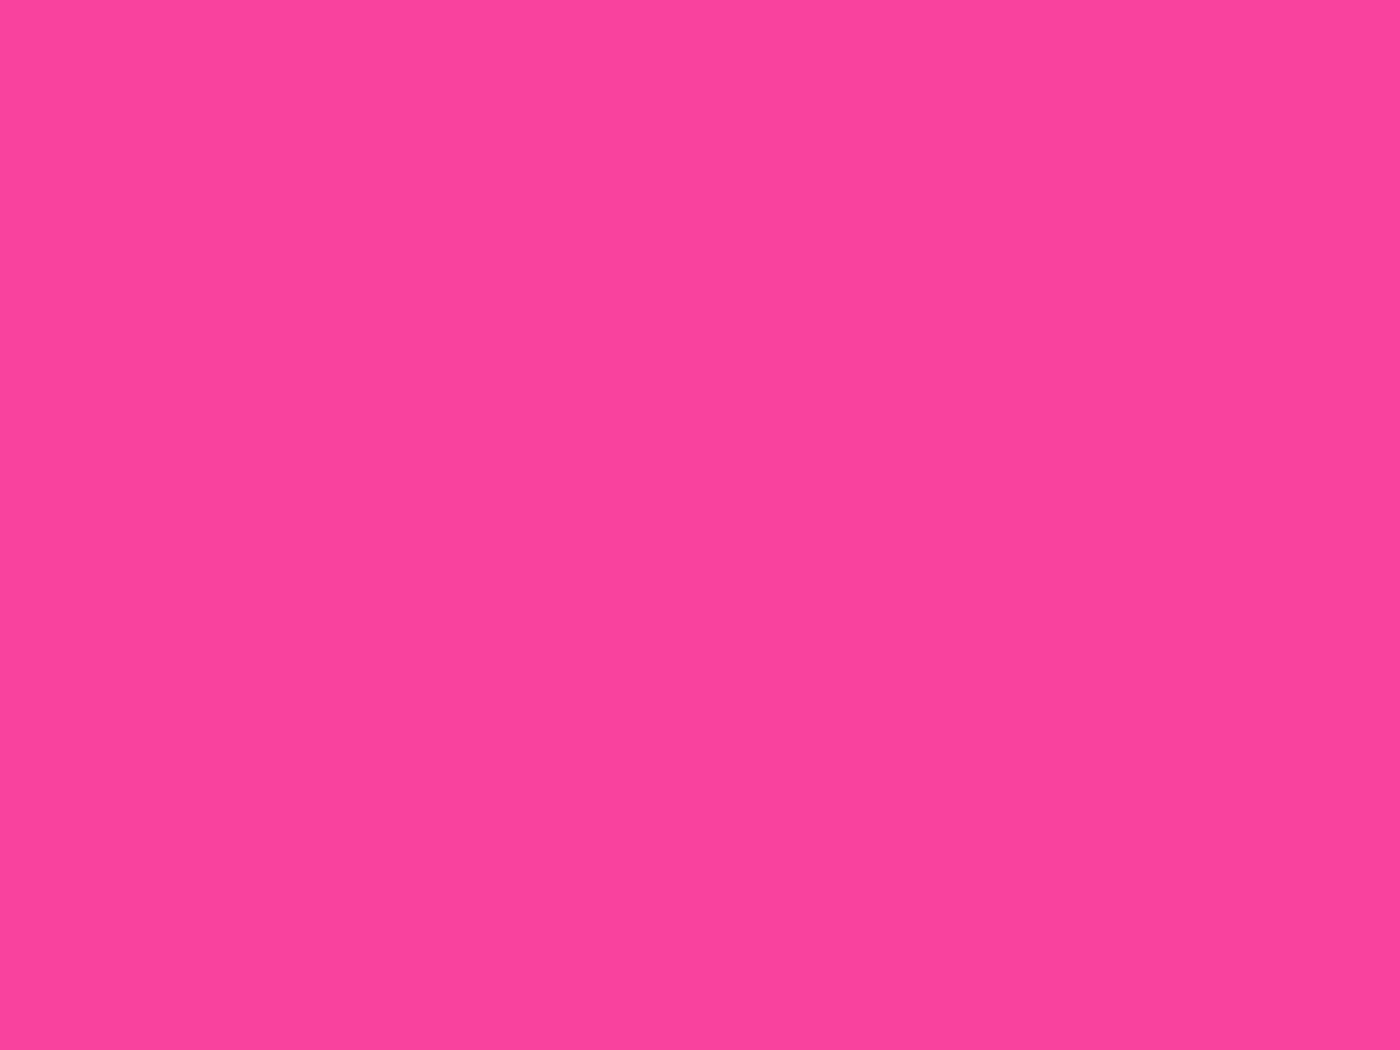 1400x1050 Rose Bonbon Solid Color Background